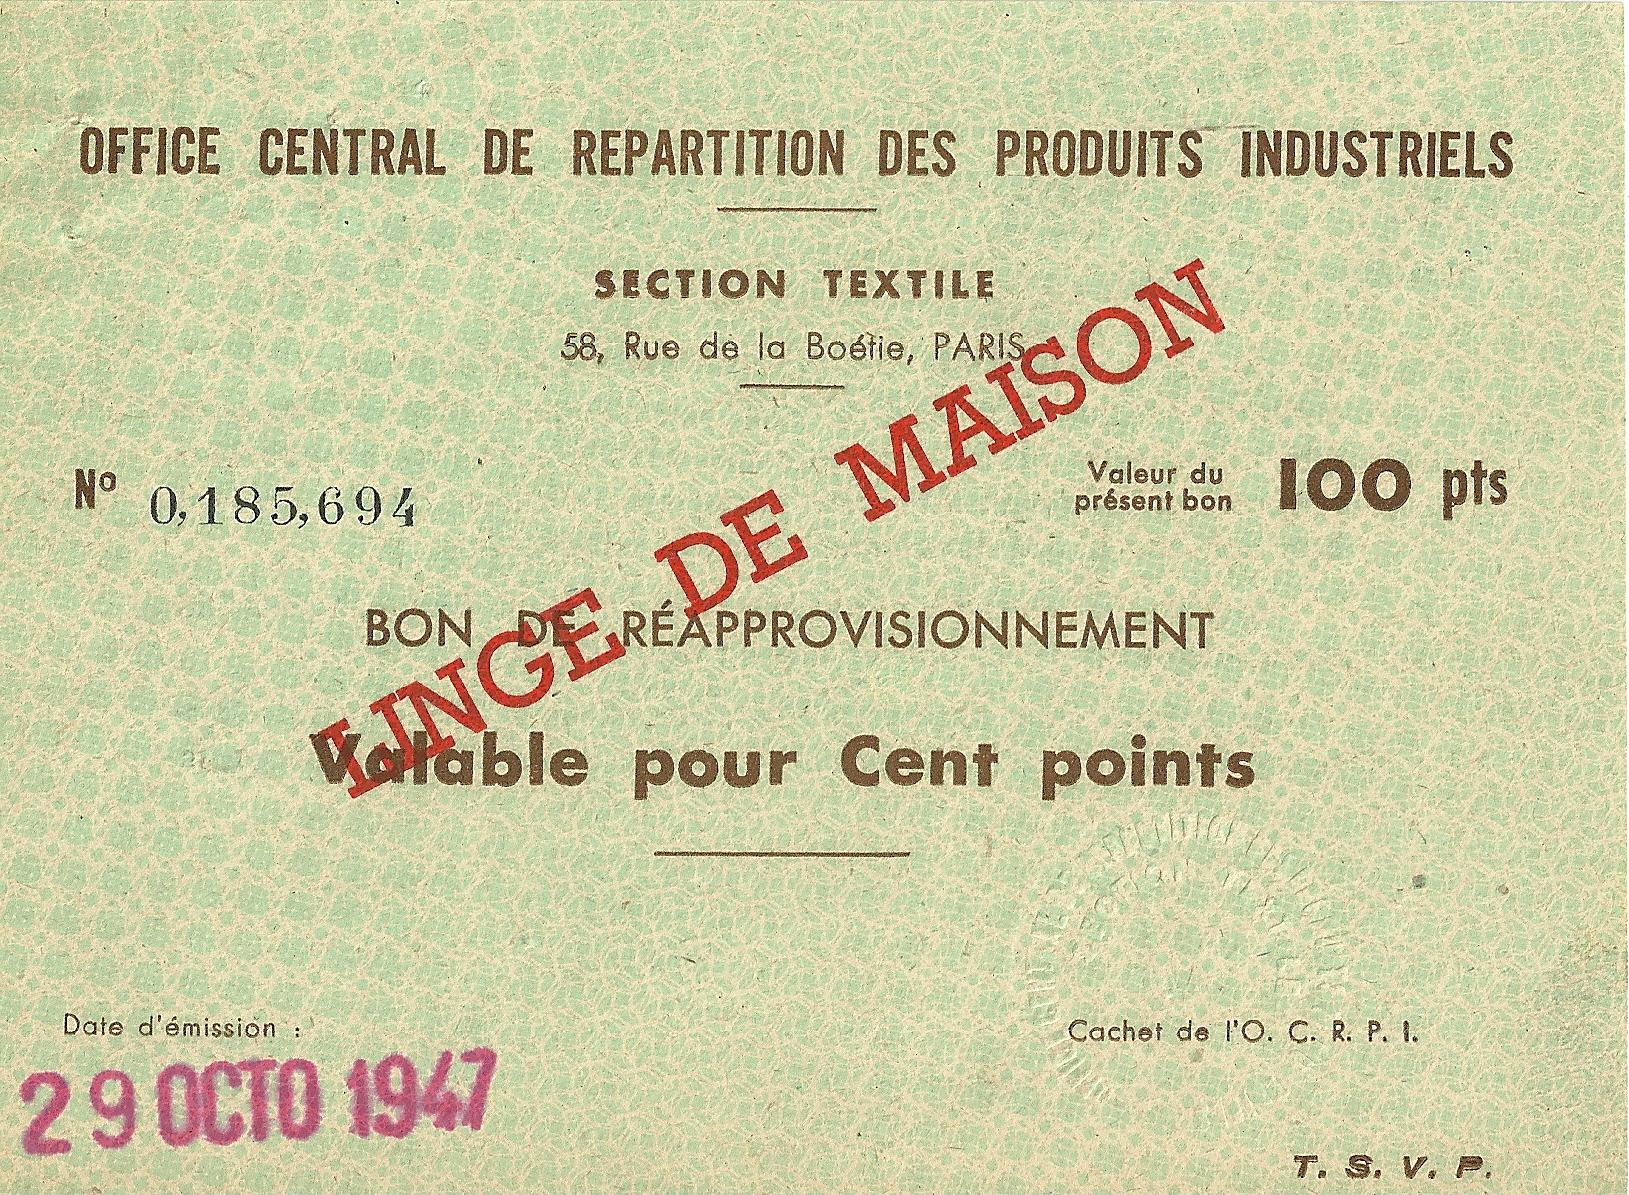 SECTION TEXTILE - BON DE REAPPROVISIONNEMENT - Valable pour Cent points - 0,185,614